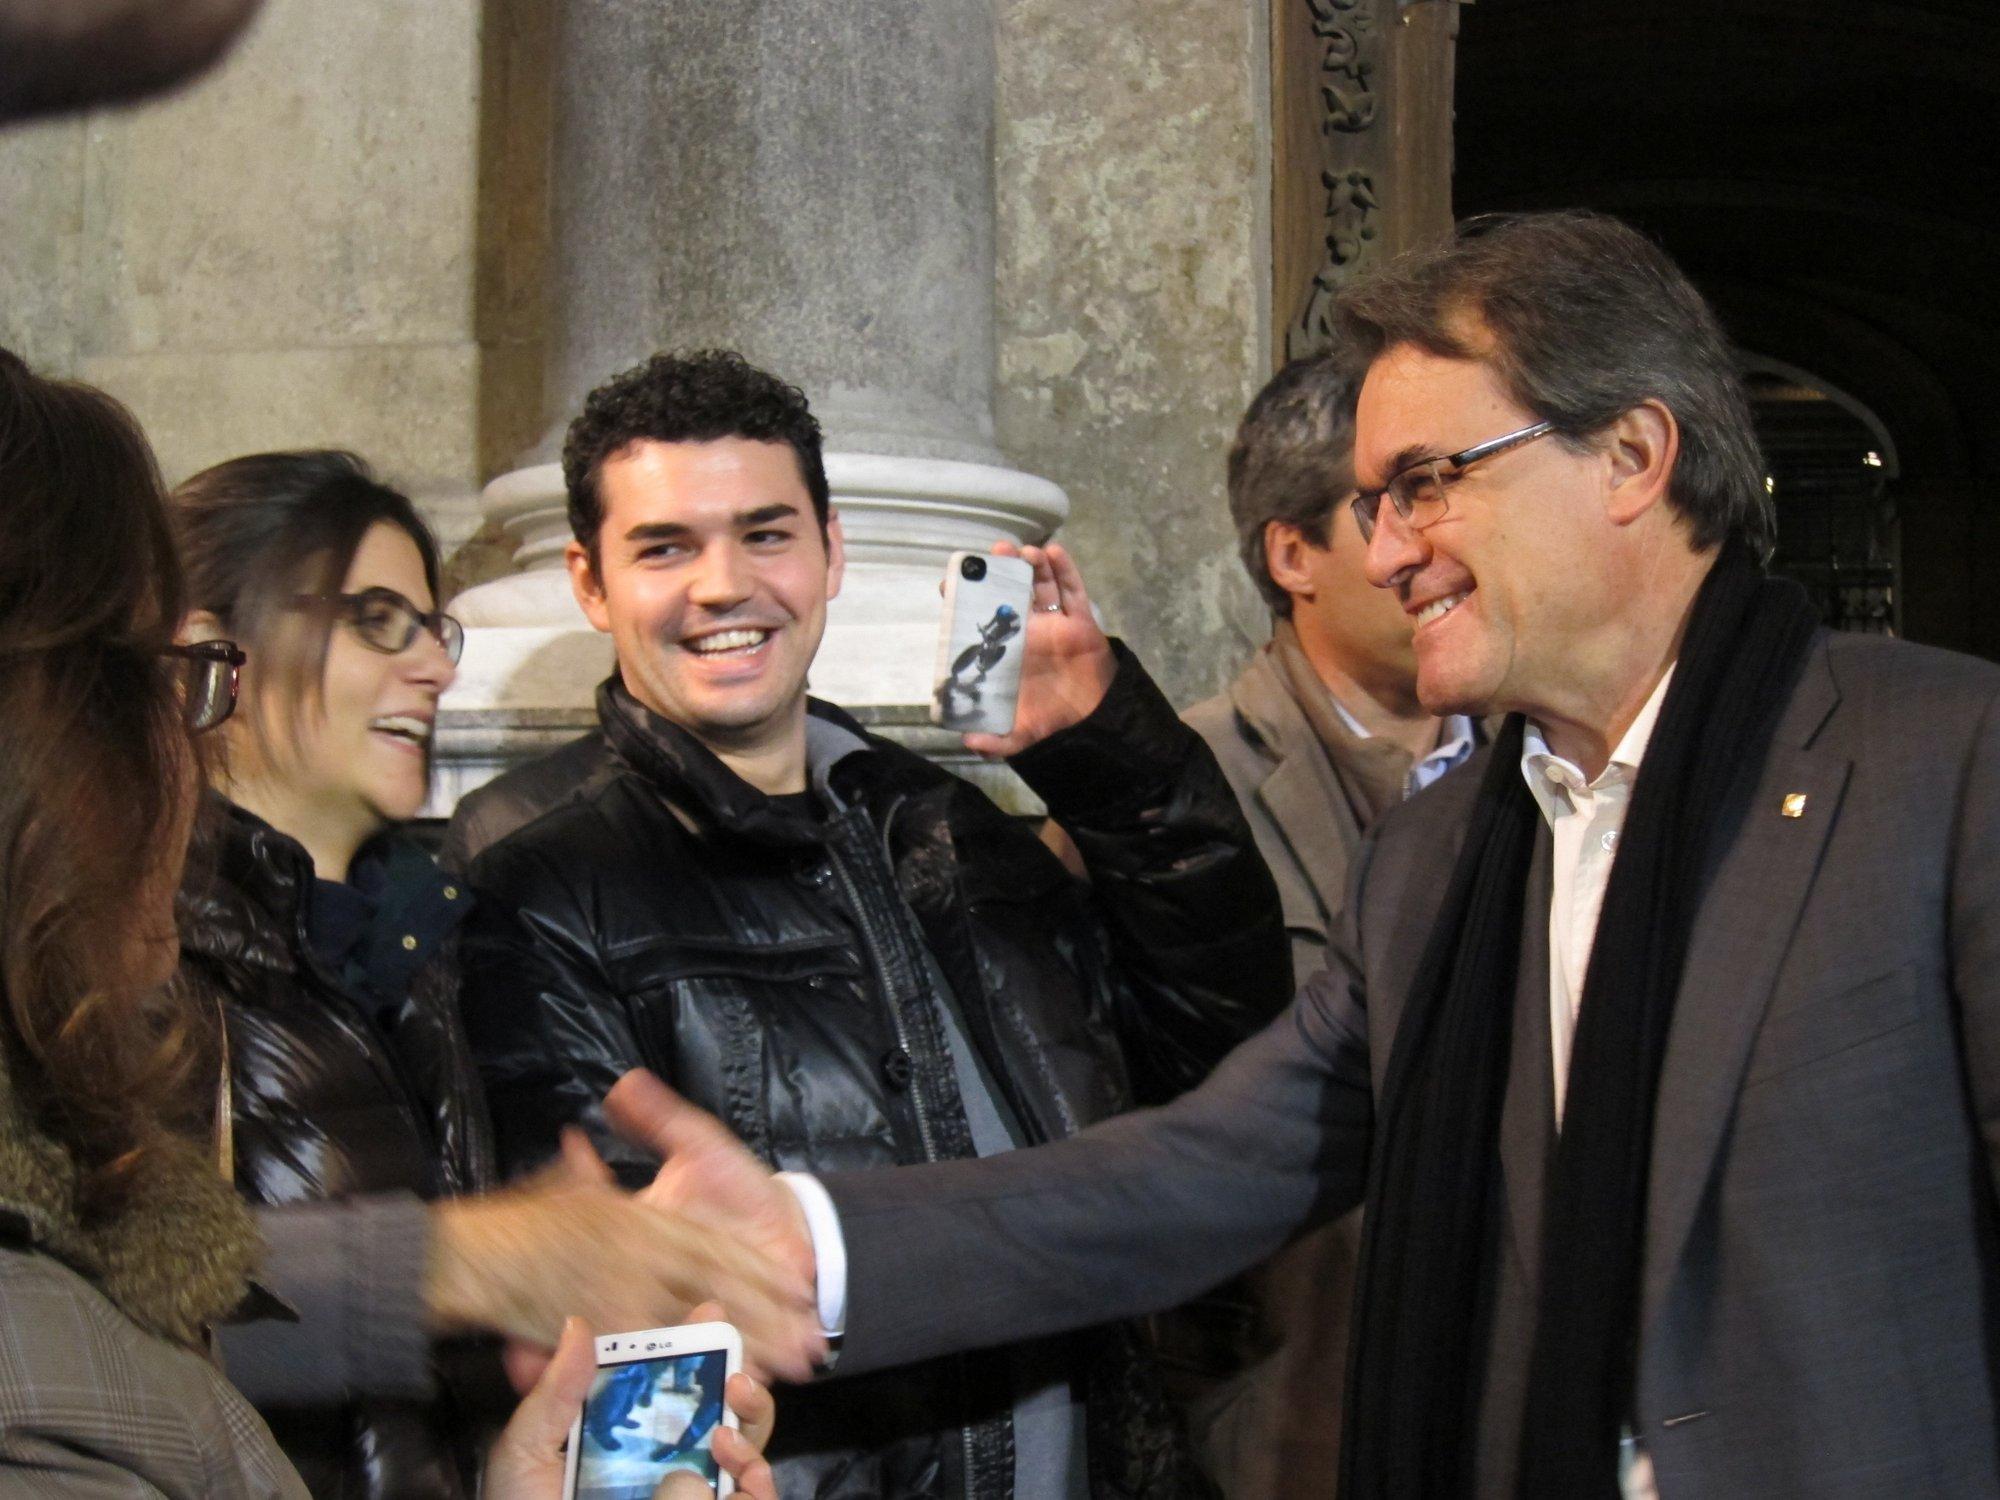 La Junta Electoral declara ilegal la convocatoria a favor de Mas